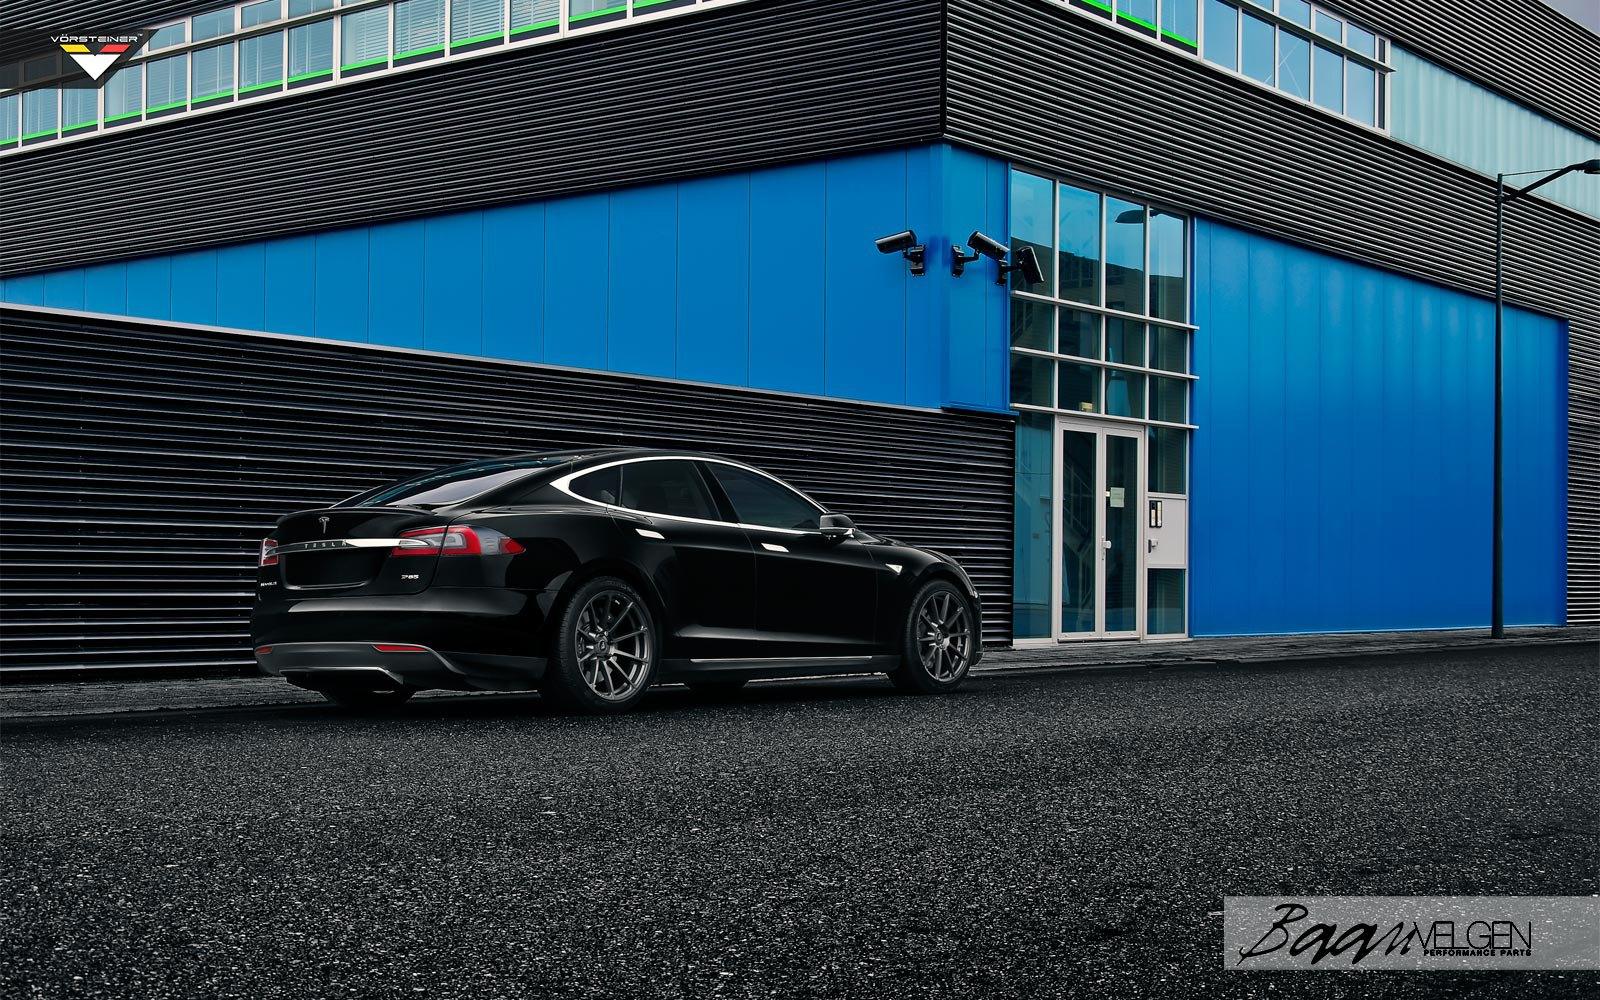 Baan Velgen Reimagines Black Tesla Model S With Aftermarket